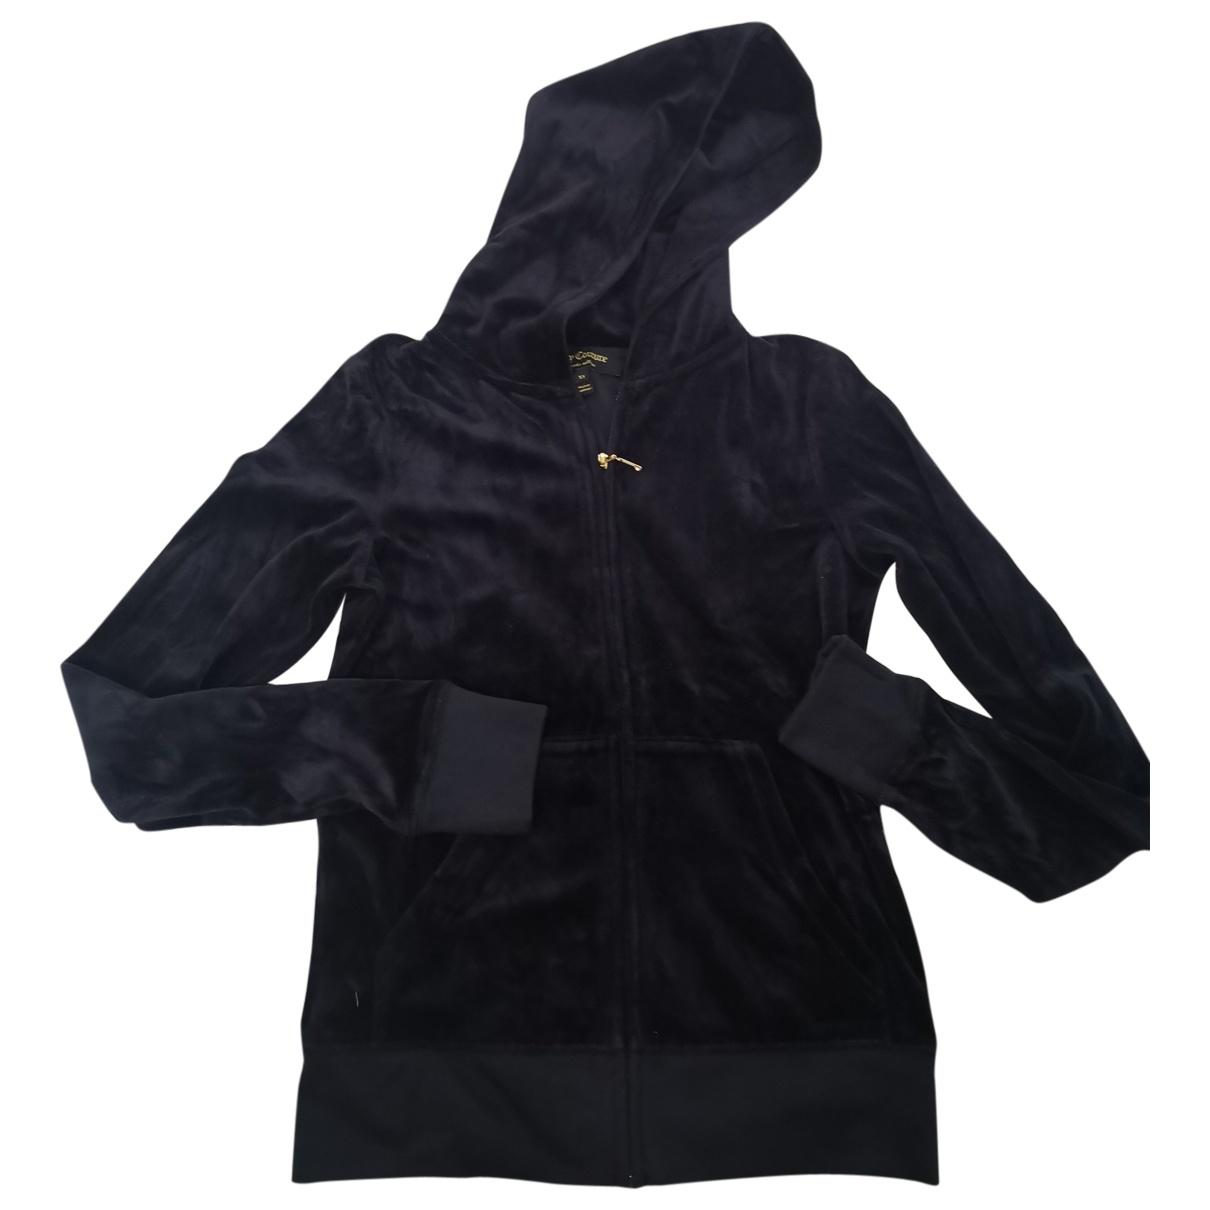 Juicy Couture - Veste   pour femme en velours - noir